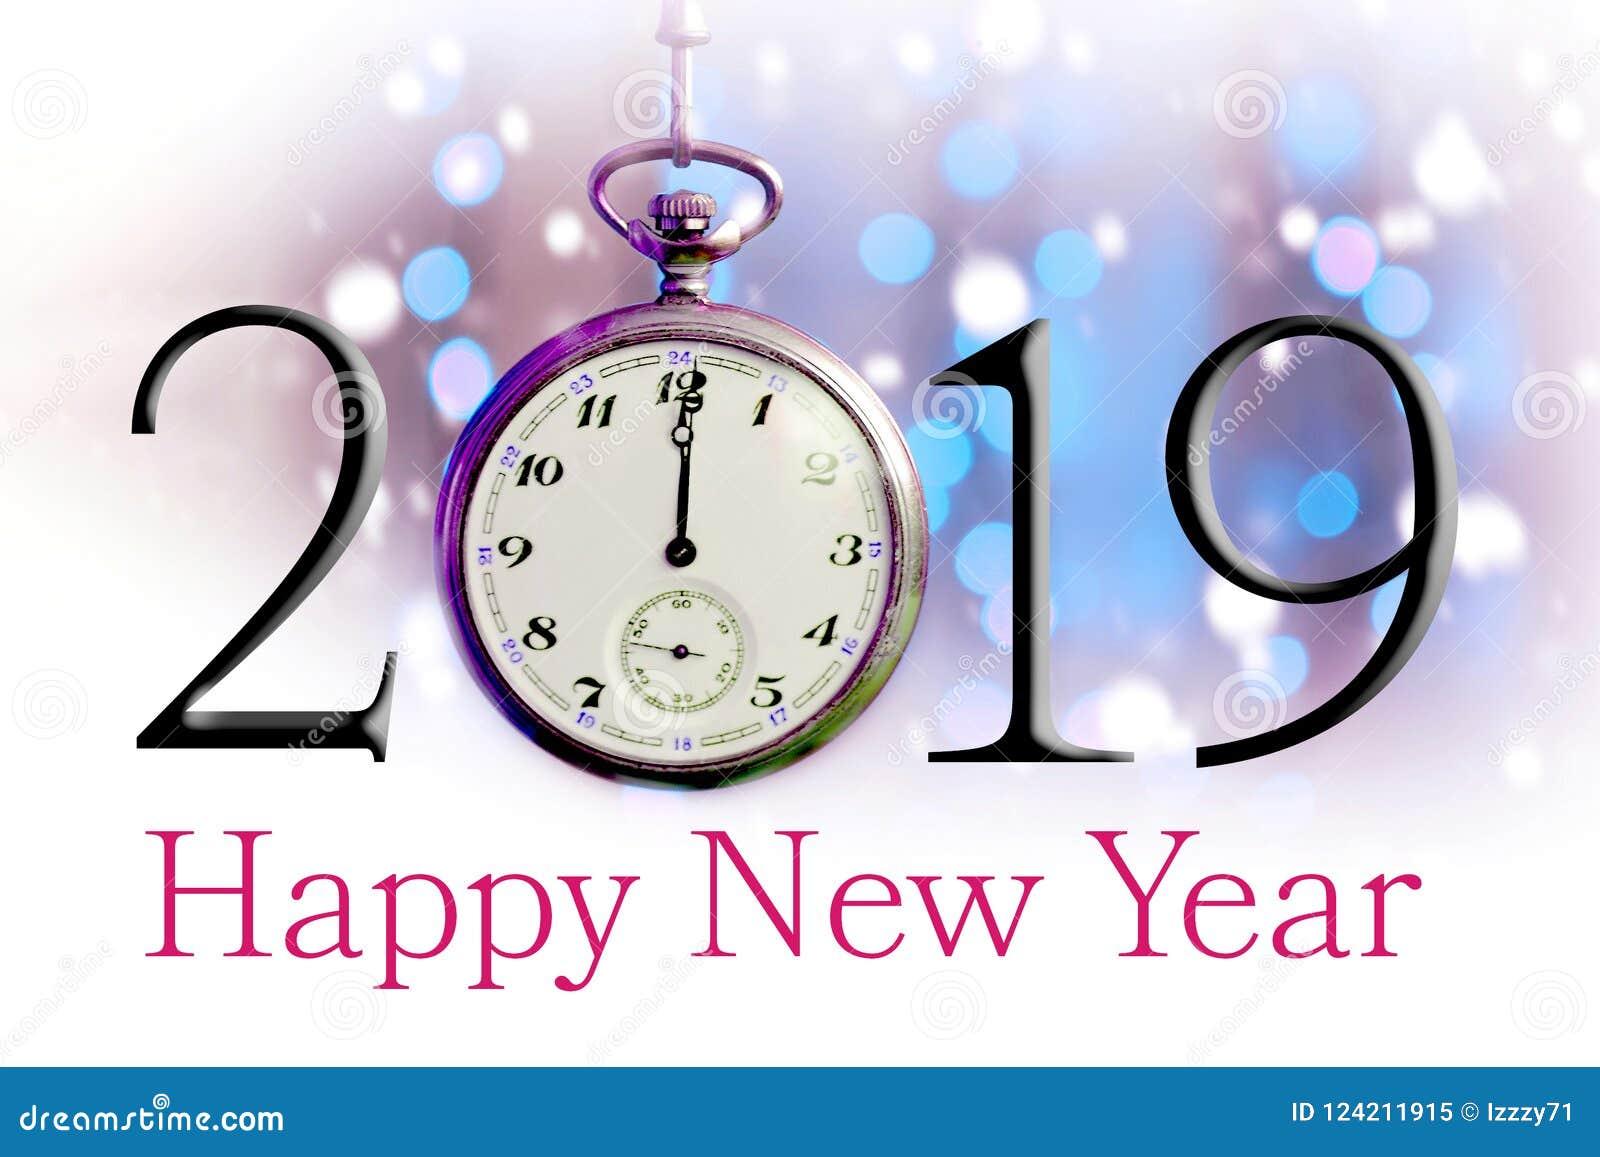 Bonne année 2019 Illustration des textes et montre de poche de vintage